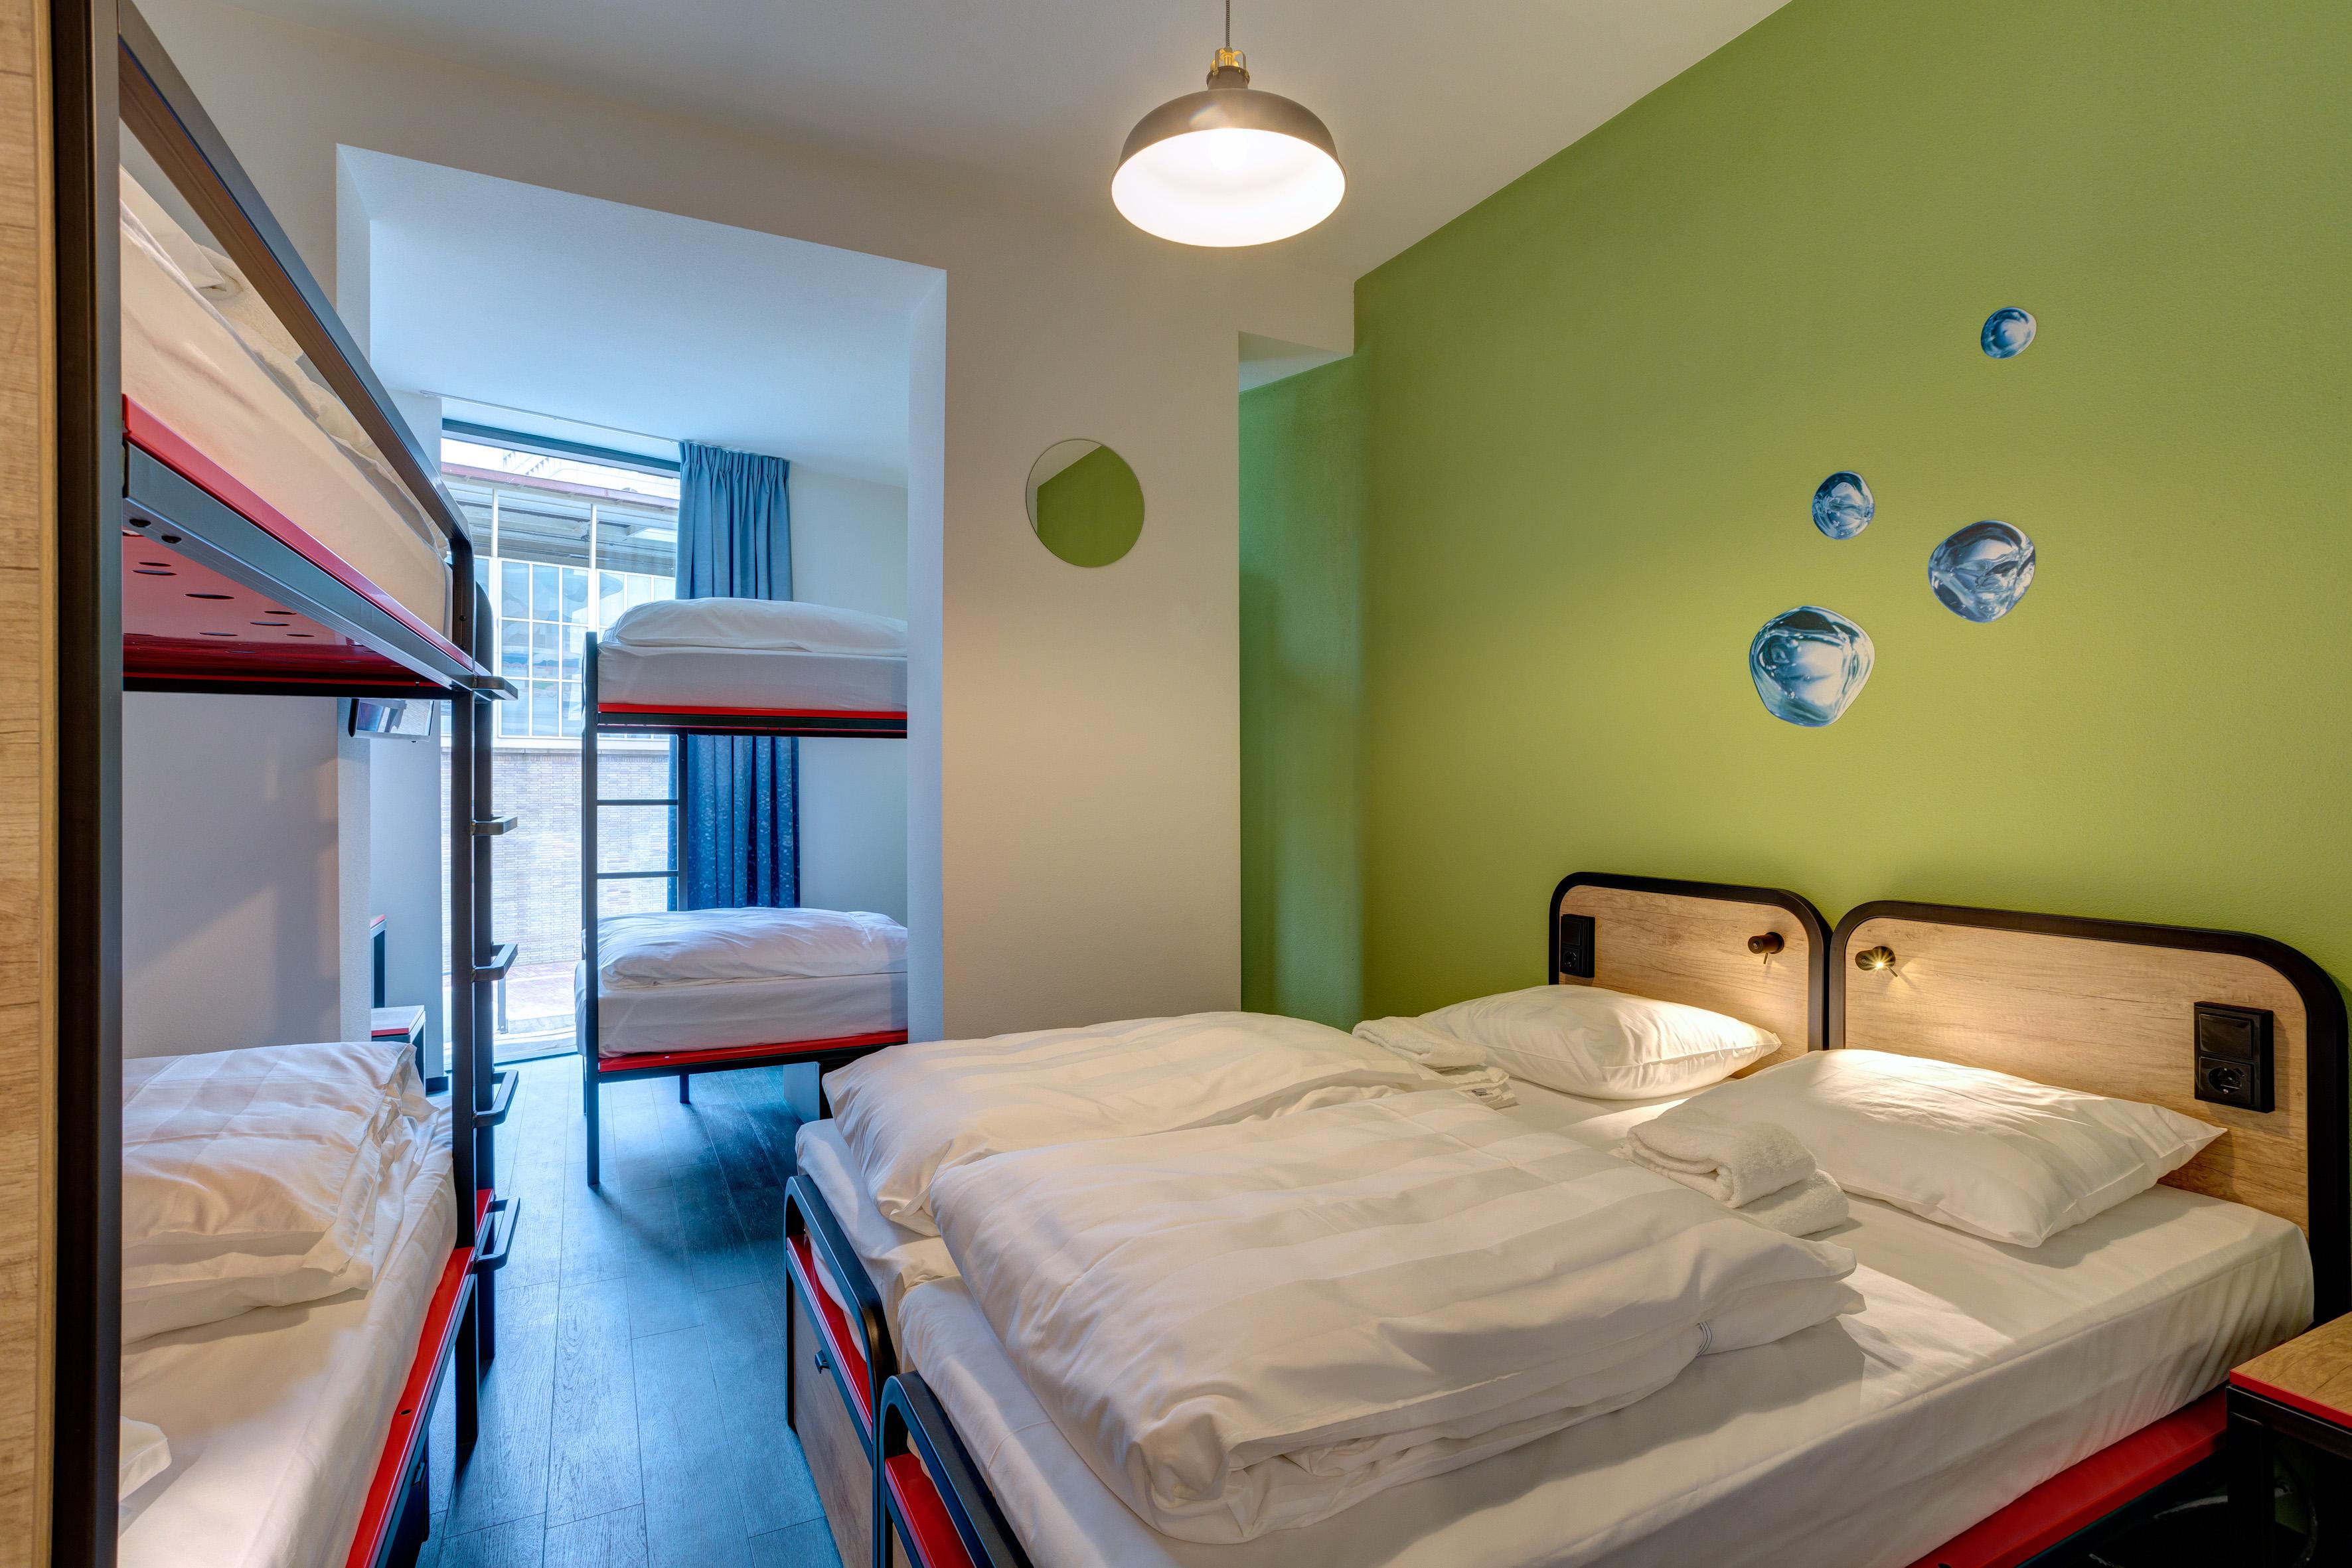 MEININGER Hotel Amsterdam Amstel - lits multiples